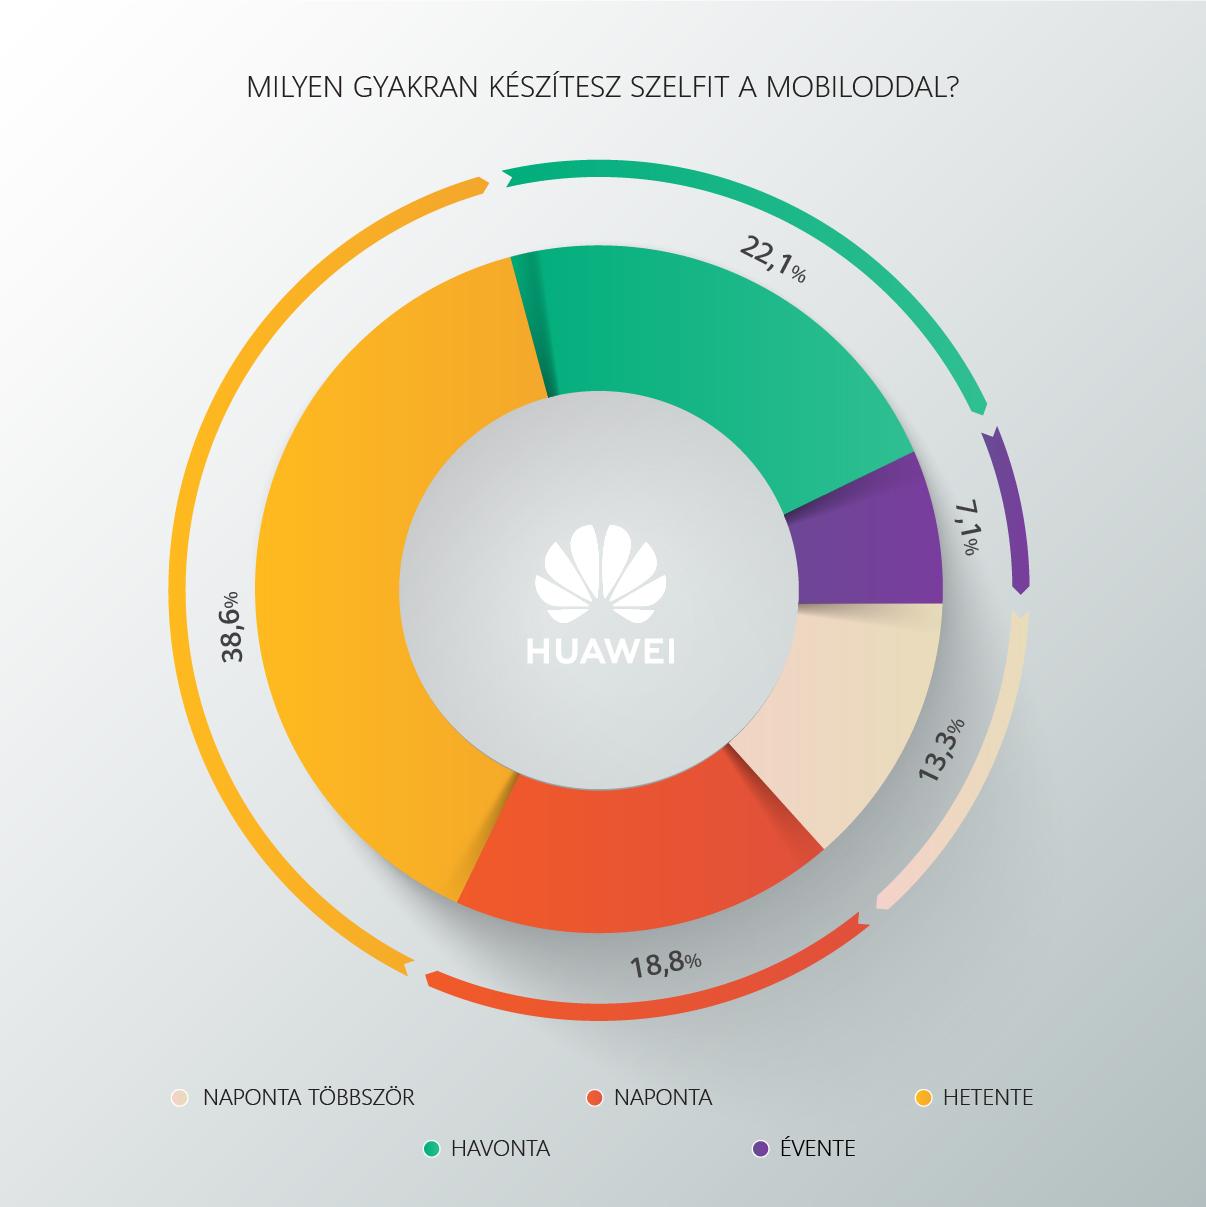 Szeretnek szelfizni a hazai Huawei tulajdonosok